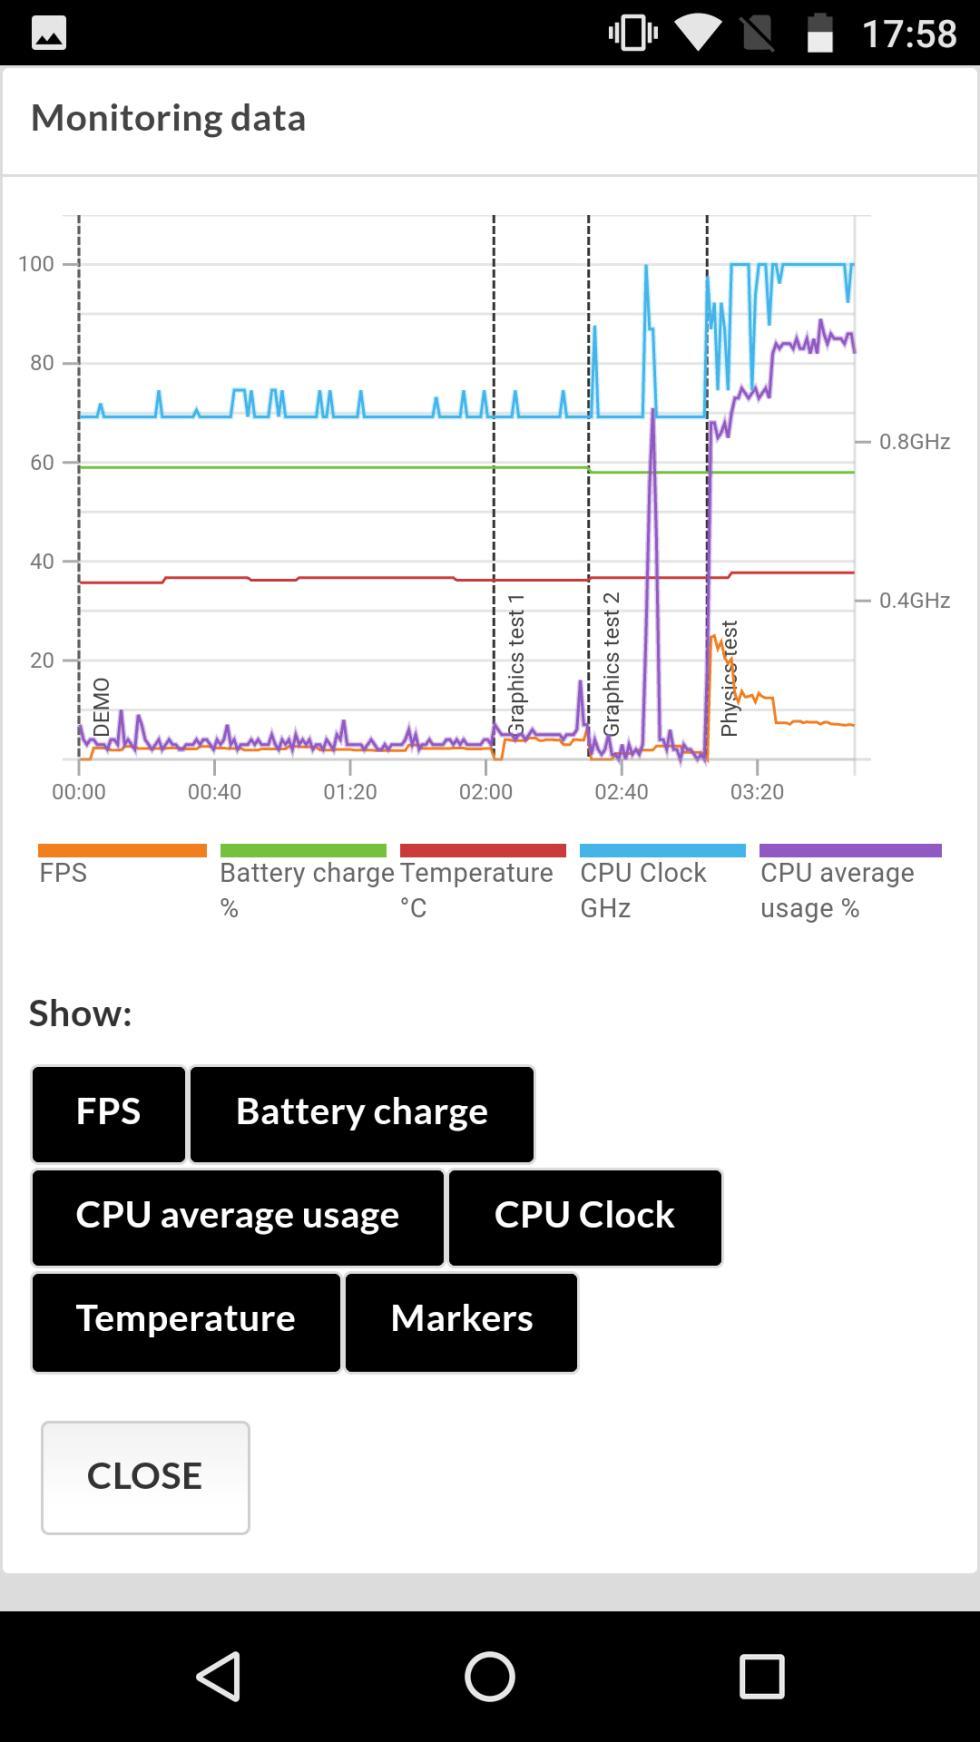 Pruebas de rendimiento del Moto G5: AnTuTu, 3DMark y GeekBench 4